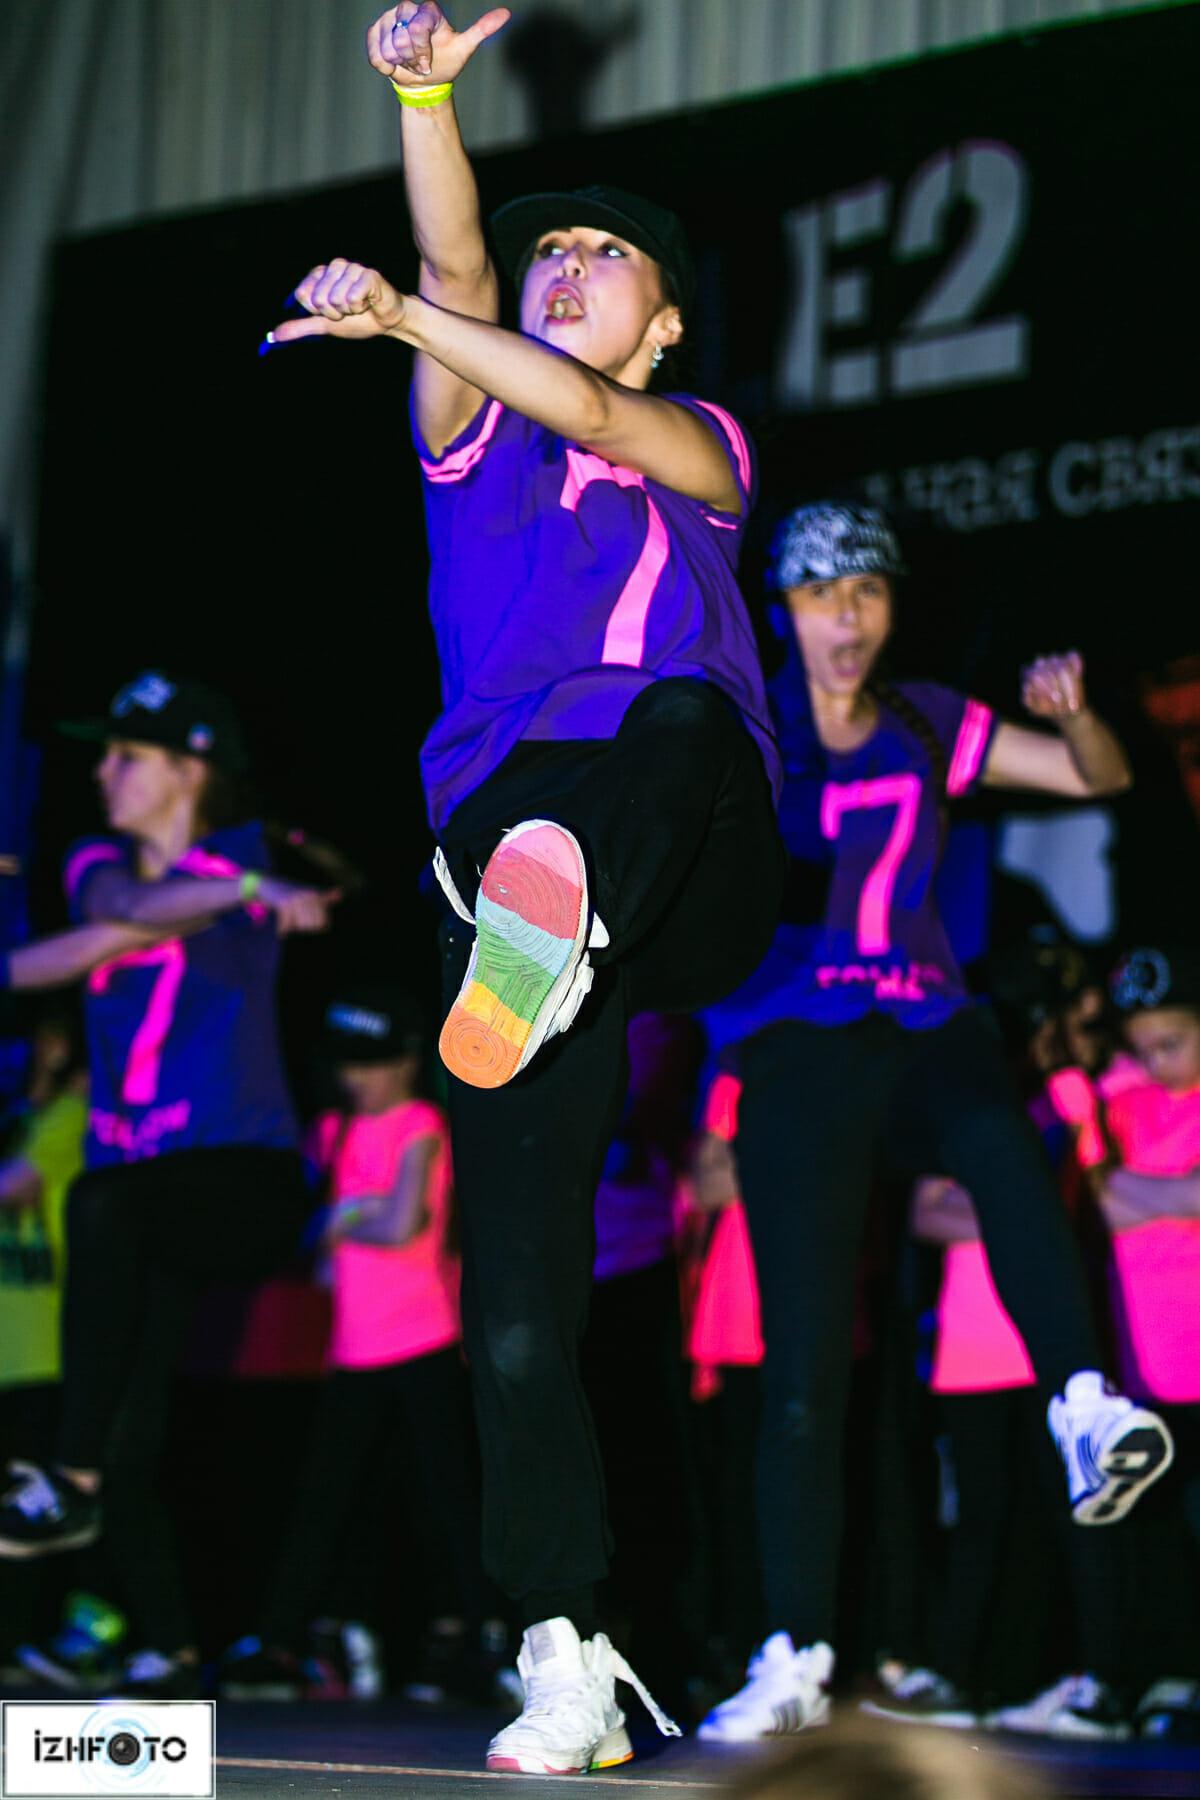 Академия современного танца Некст, 2013 г.